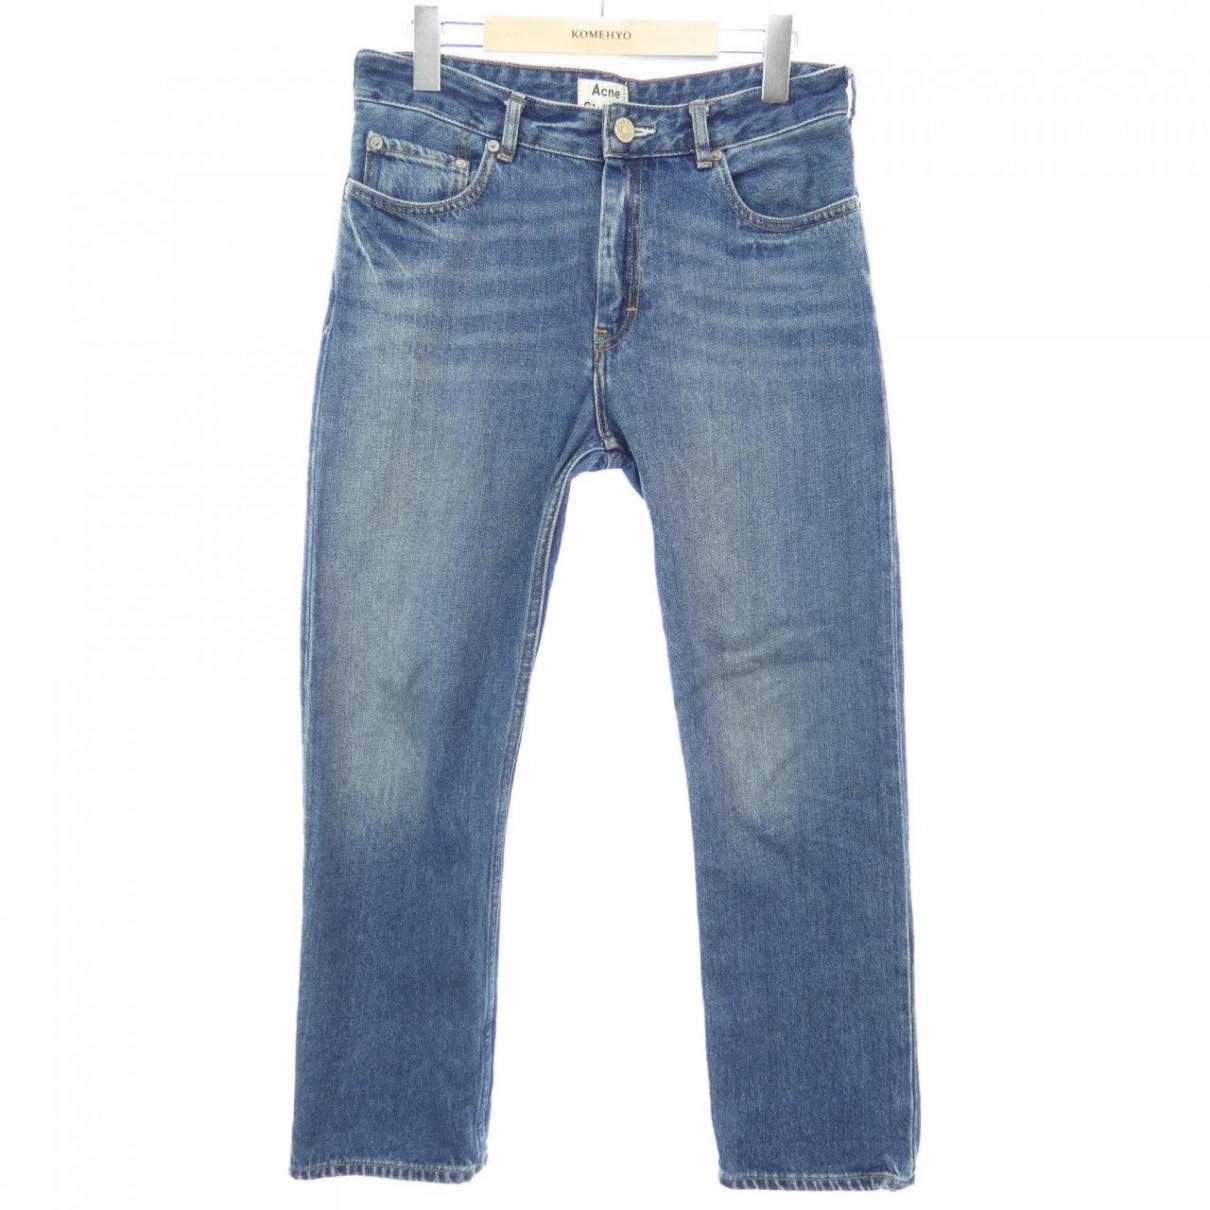 Acne Studios \N Jeans in  Blau Baumwolle